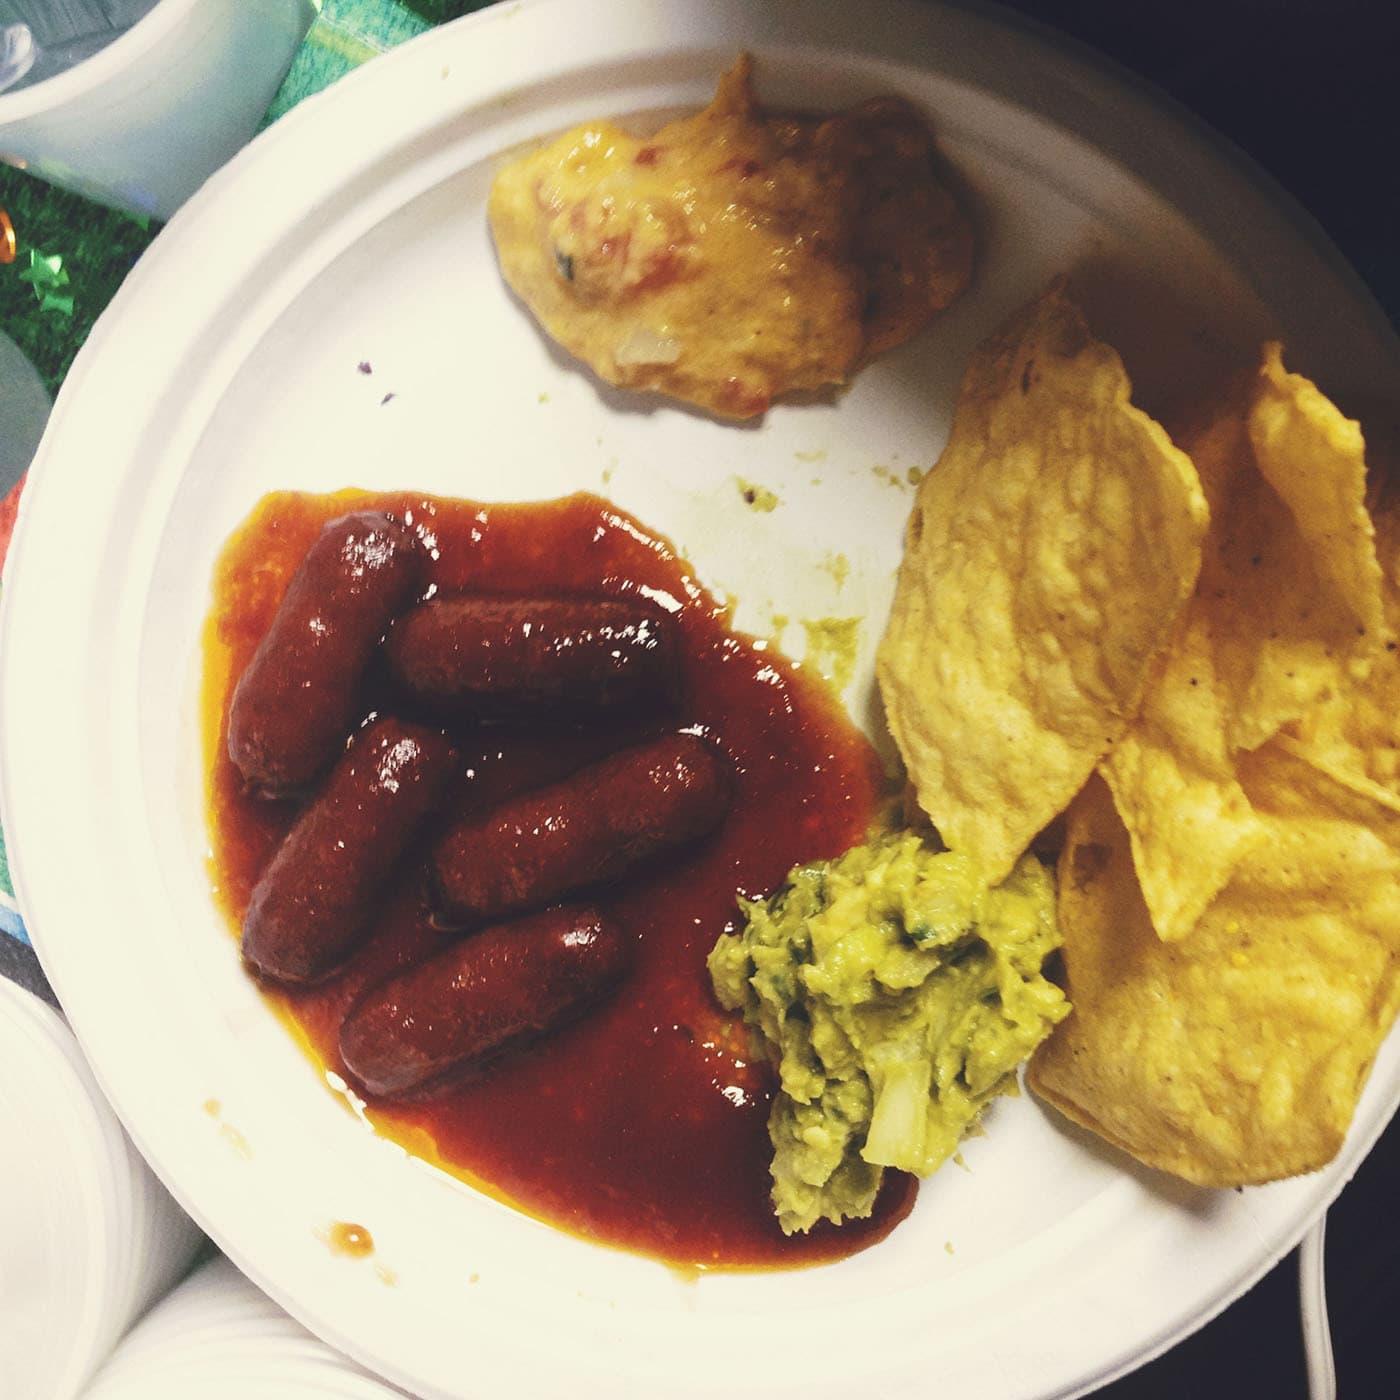 Super Bowl 2014 food